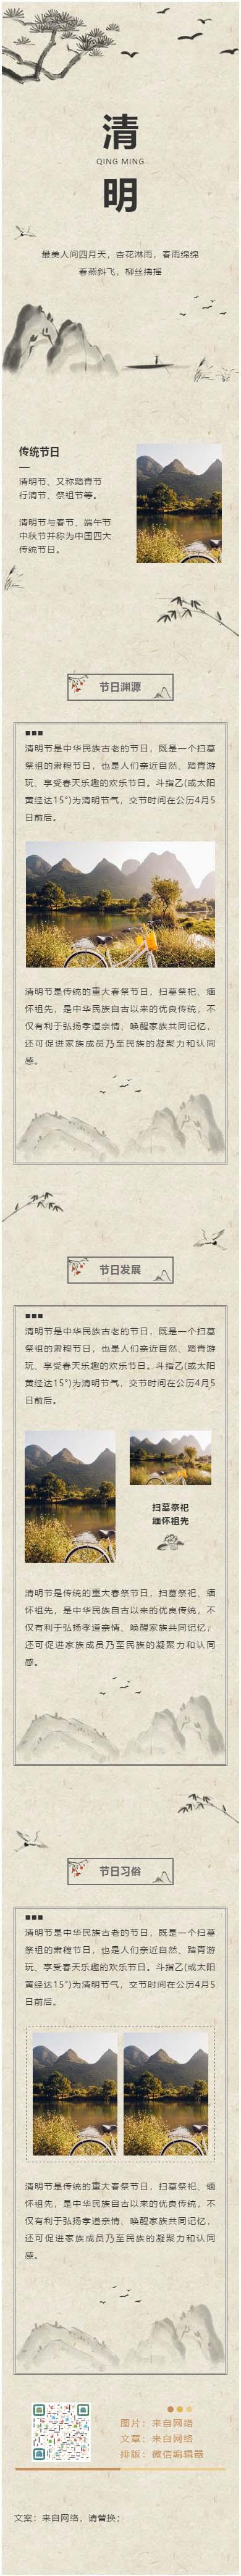 清明节扫墓祭祖微信公众号模板推文素材推送图文文章模板